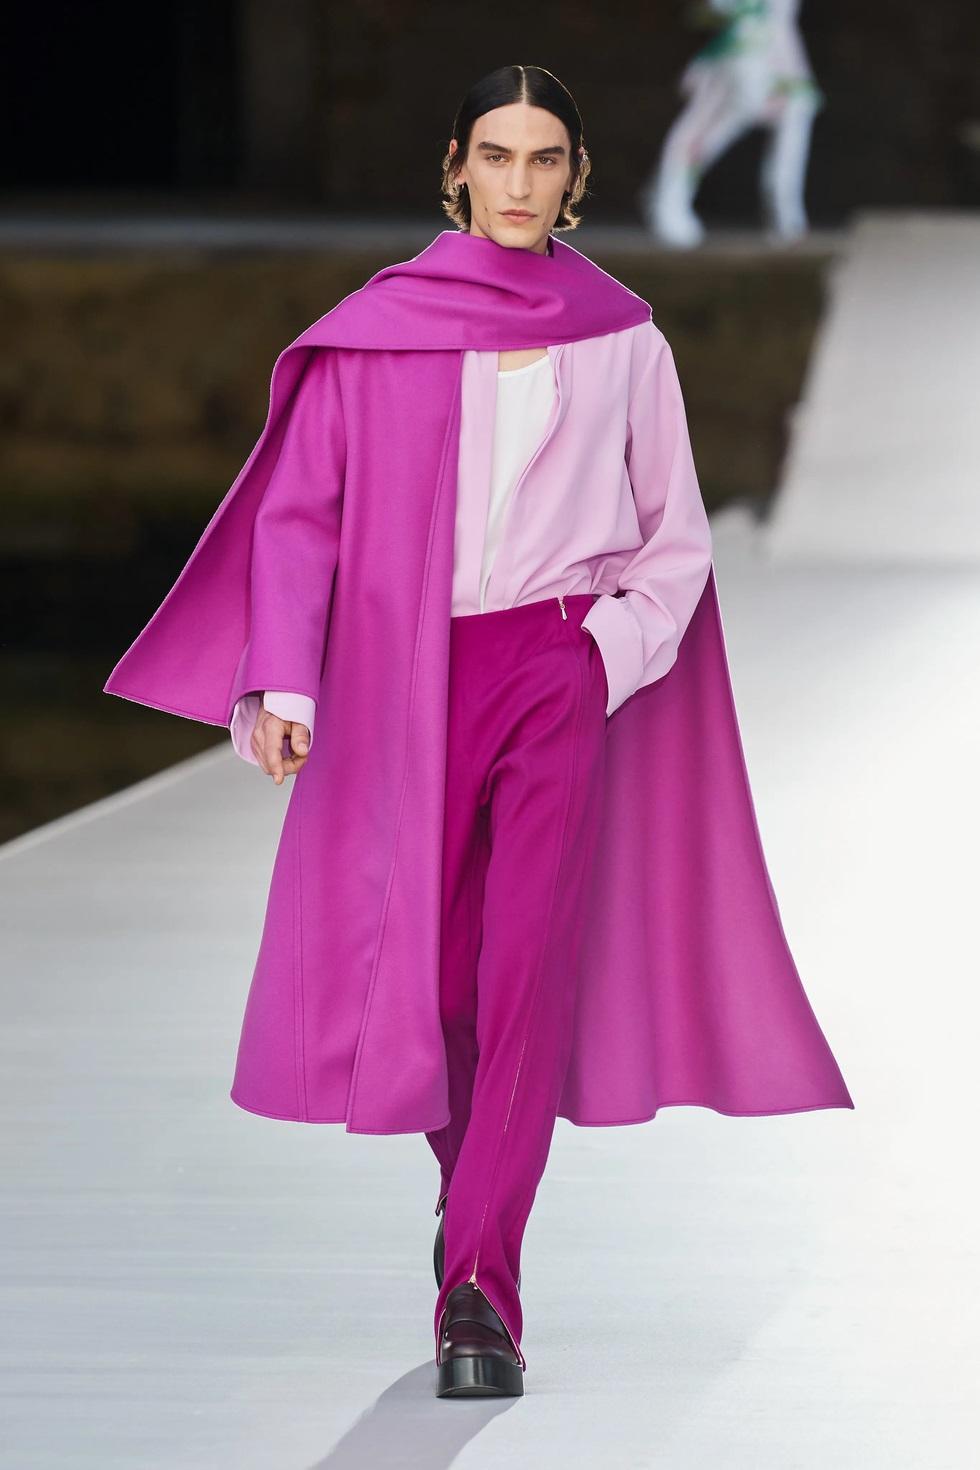 Valentino ra mắt bộ sưu tập Haute couture tôn kính thành phố Venice - 4